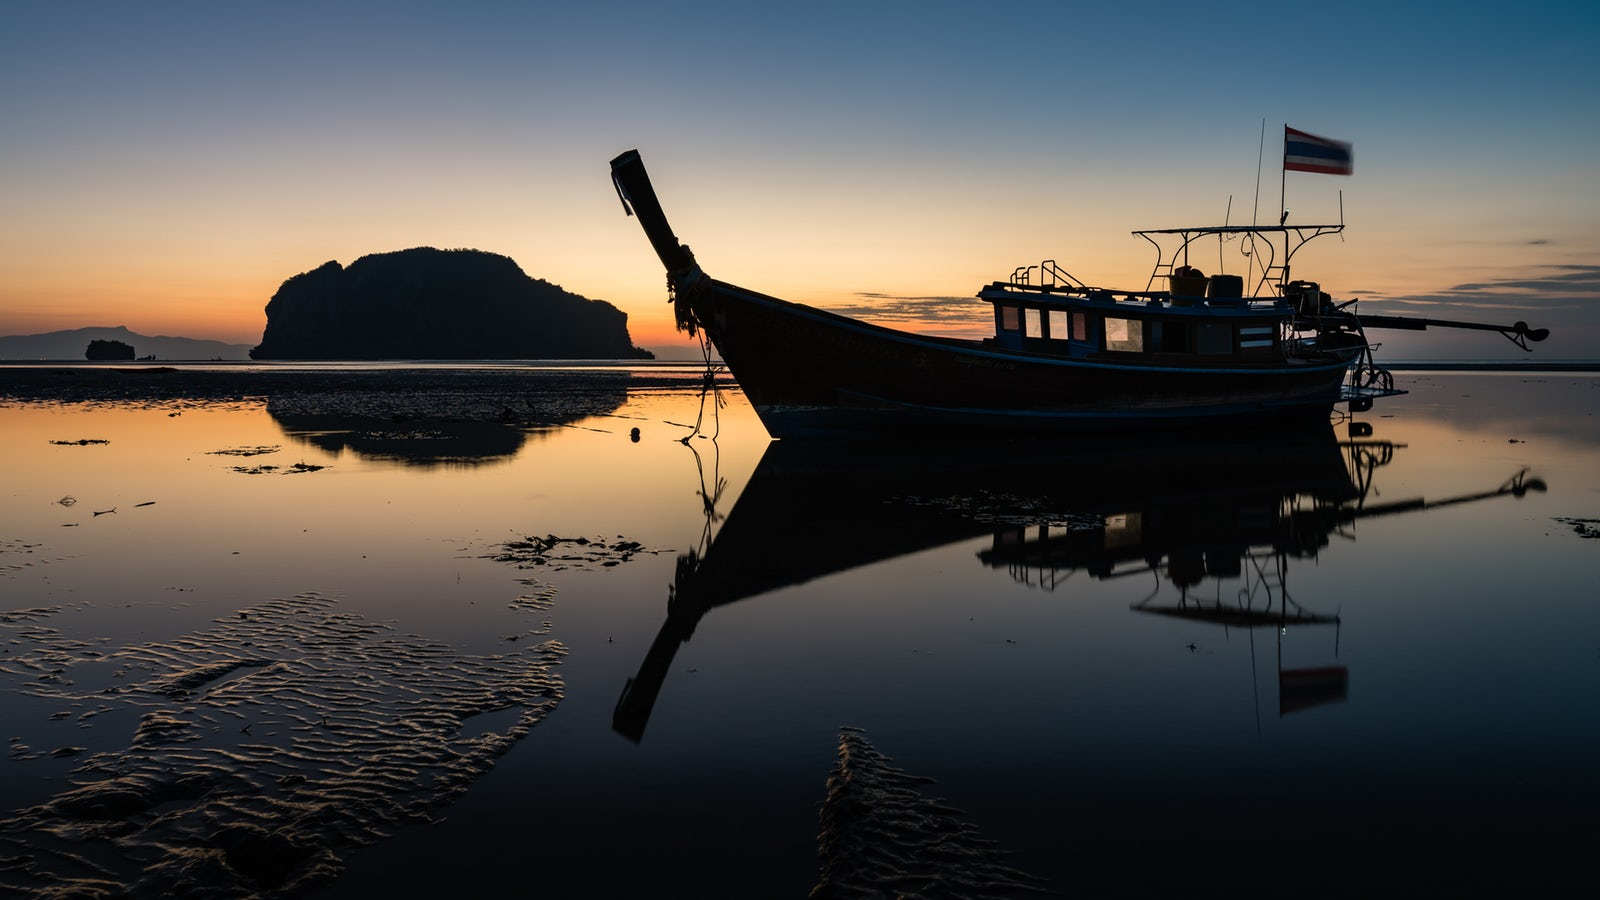 Dawn on Koh Yao Yai